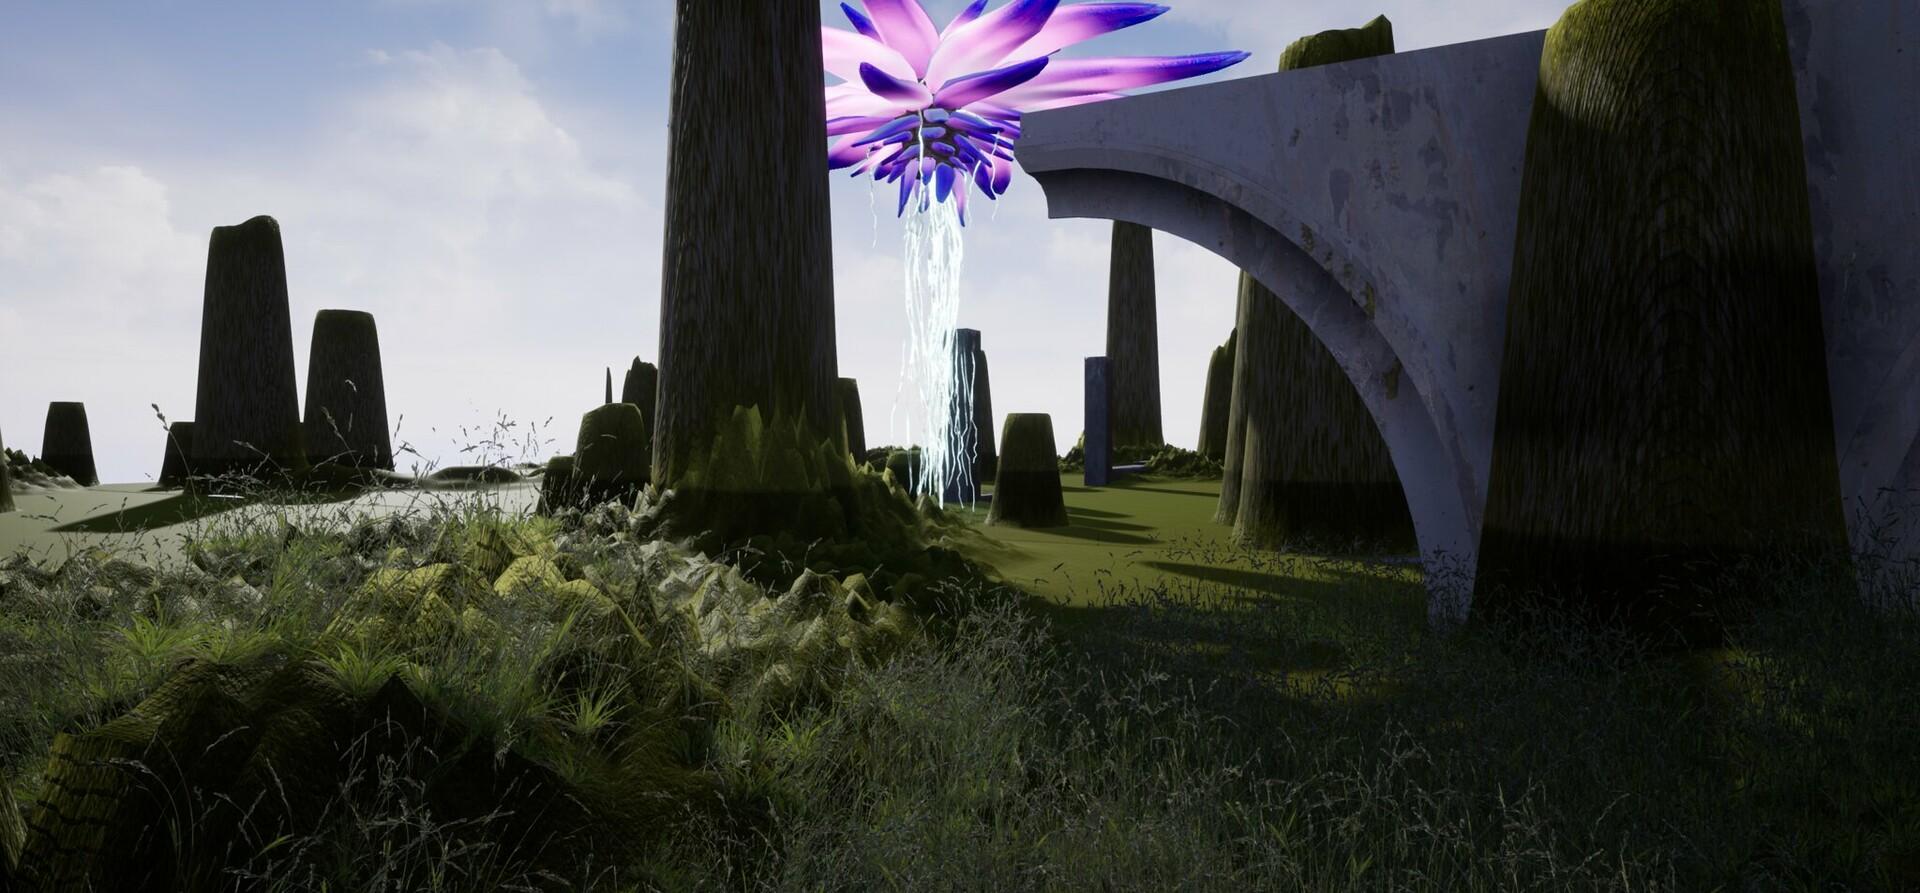 Unreal Flower Landscape II